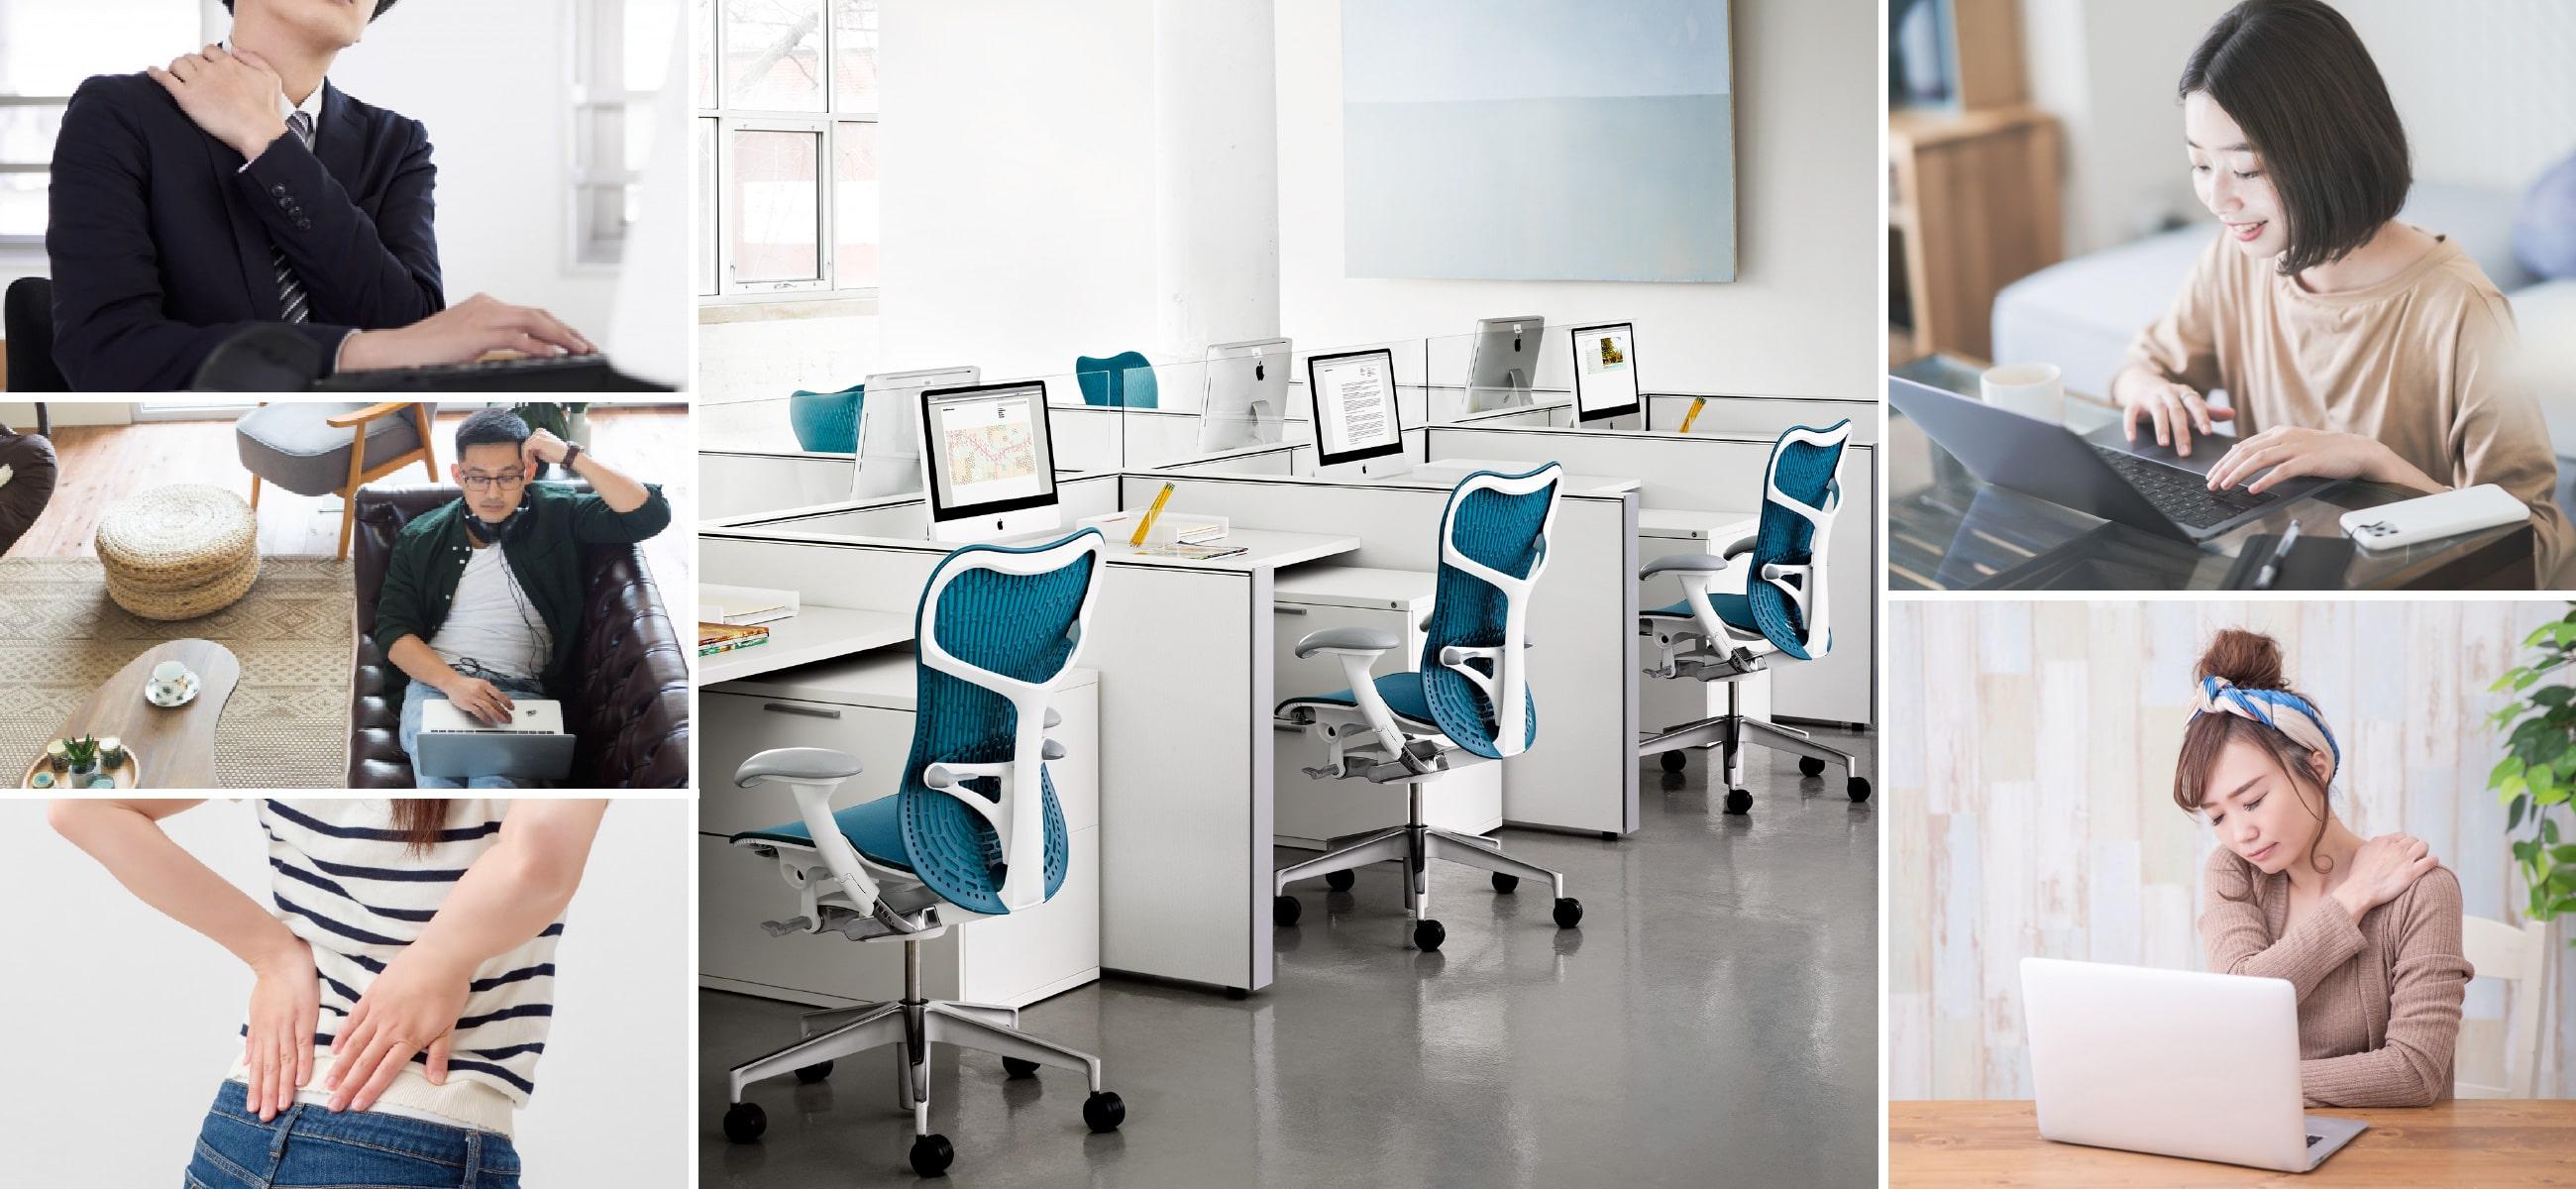 テレワークに適した快適な作業環境をご用意いたします